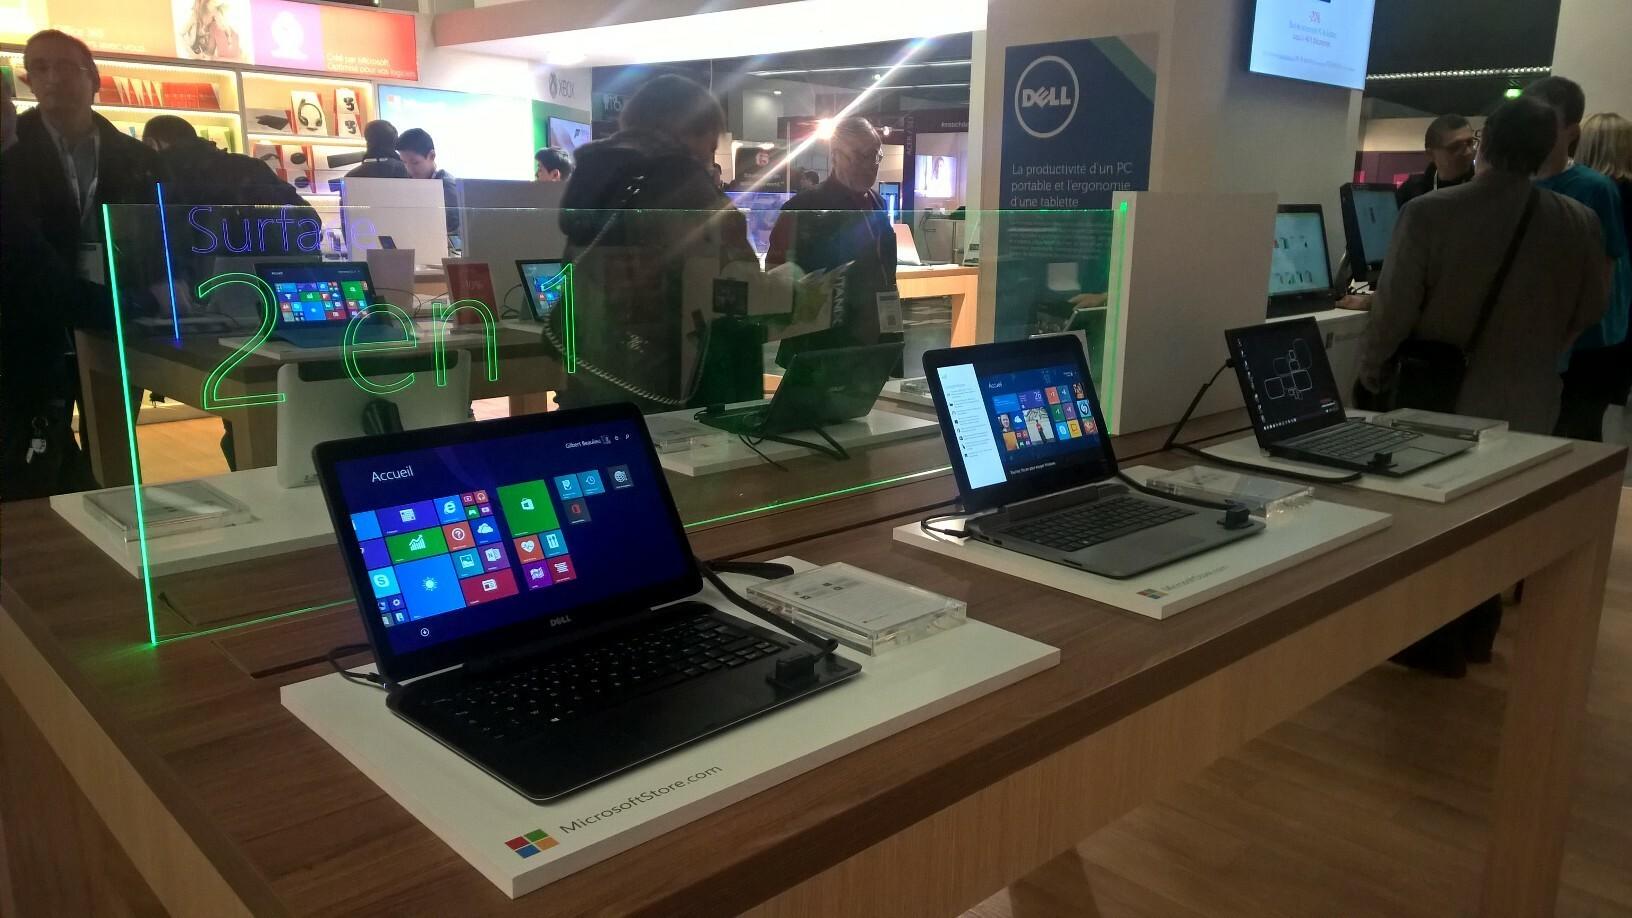 [Promo] Profitez de 8% sur le Microsoft Store